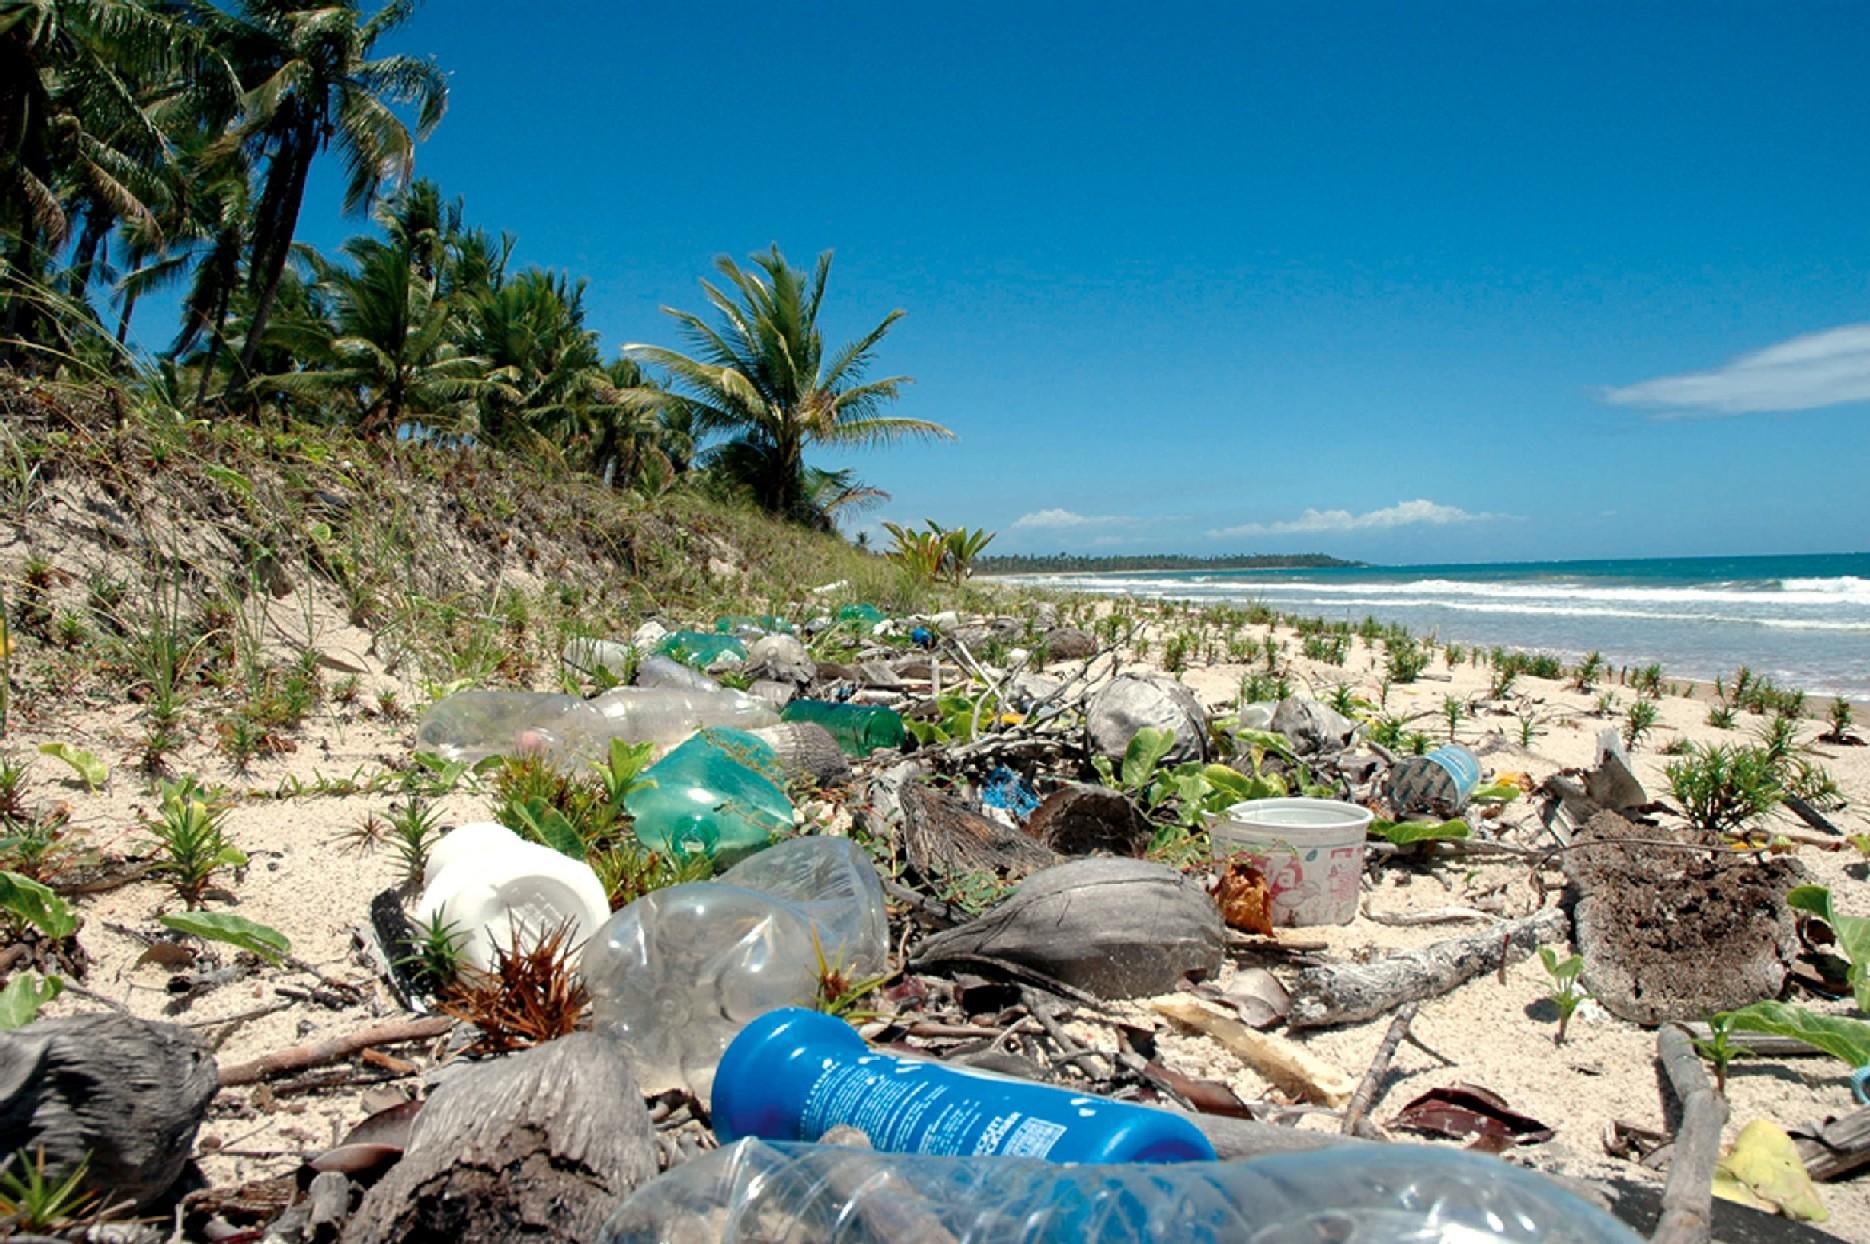 Flagrantes de embalagens encontradas no litoral da Bahia